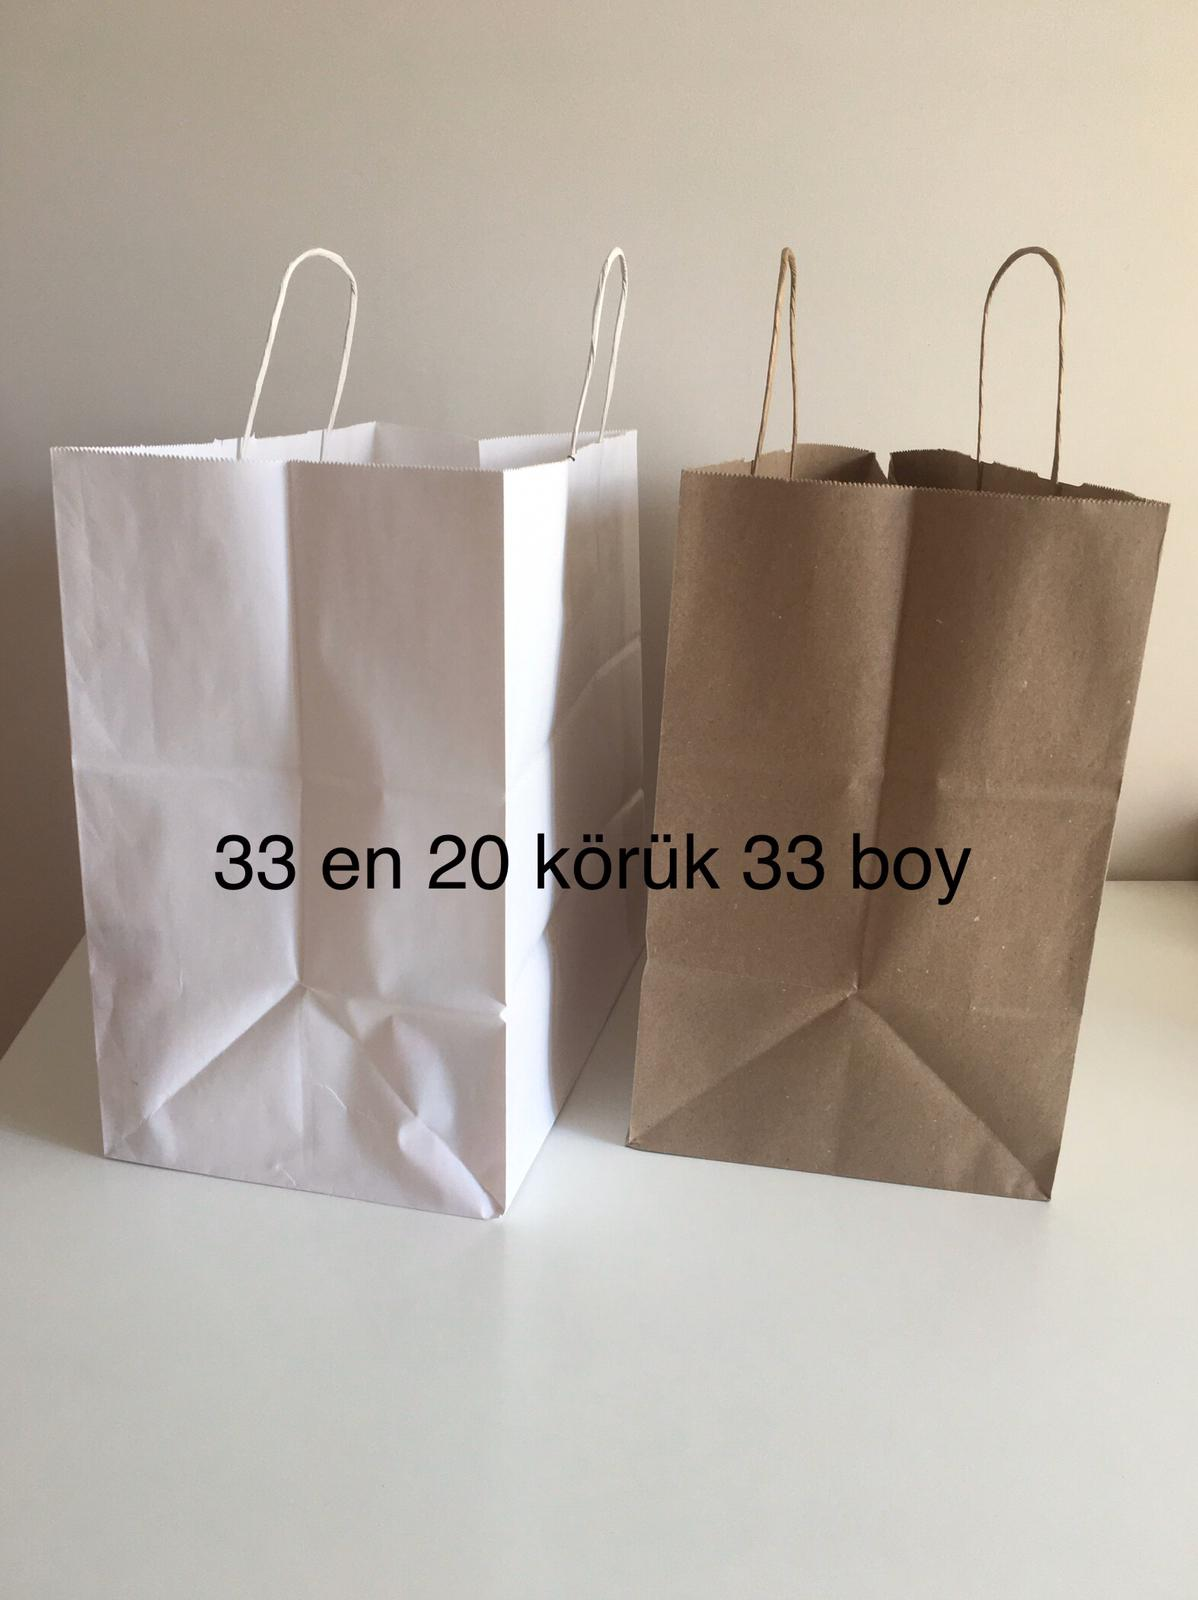 bcaa3ea9-3dd5-49fb-9654-40b867b12155-2